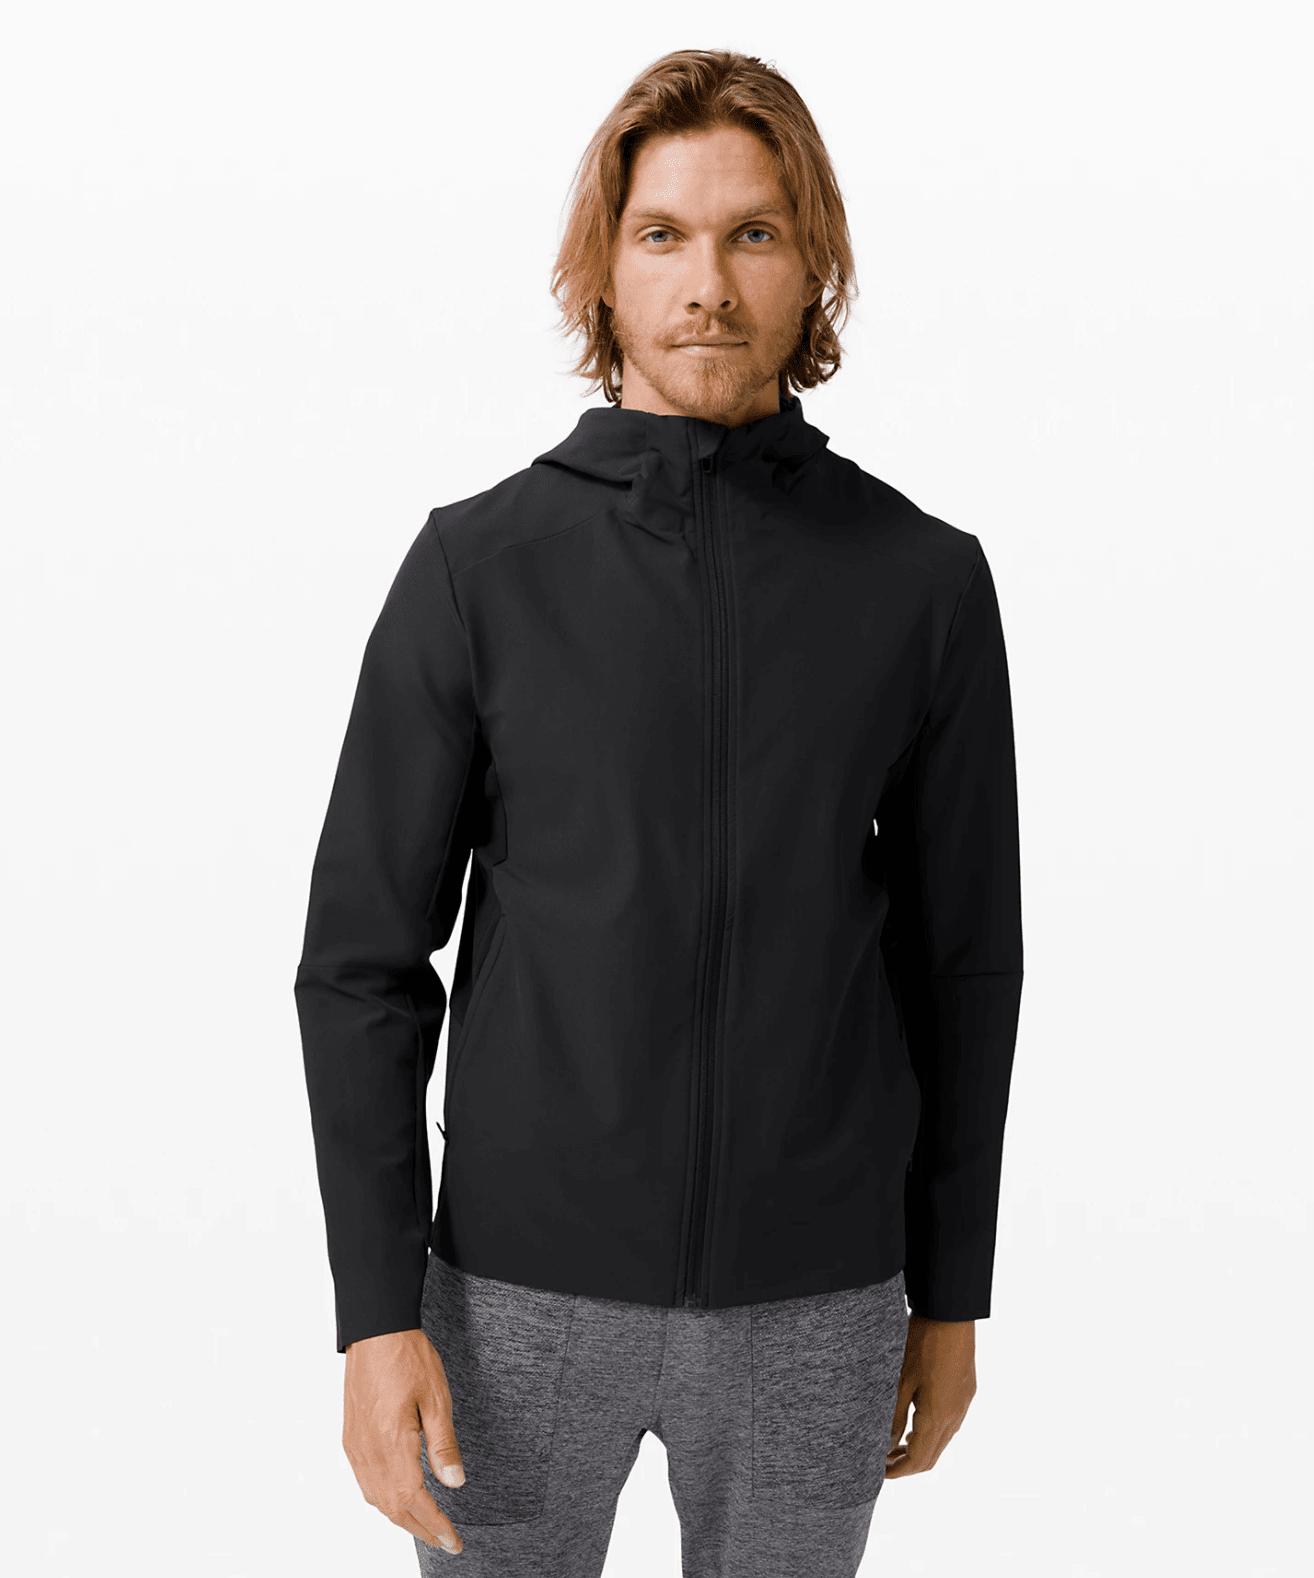 Lululemon Warp Lite Jacket Packable